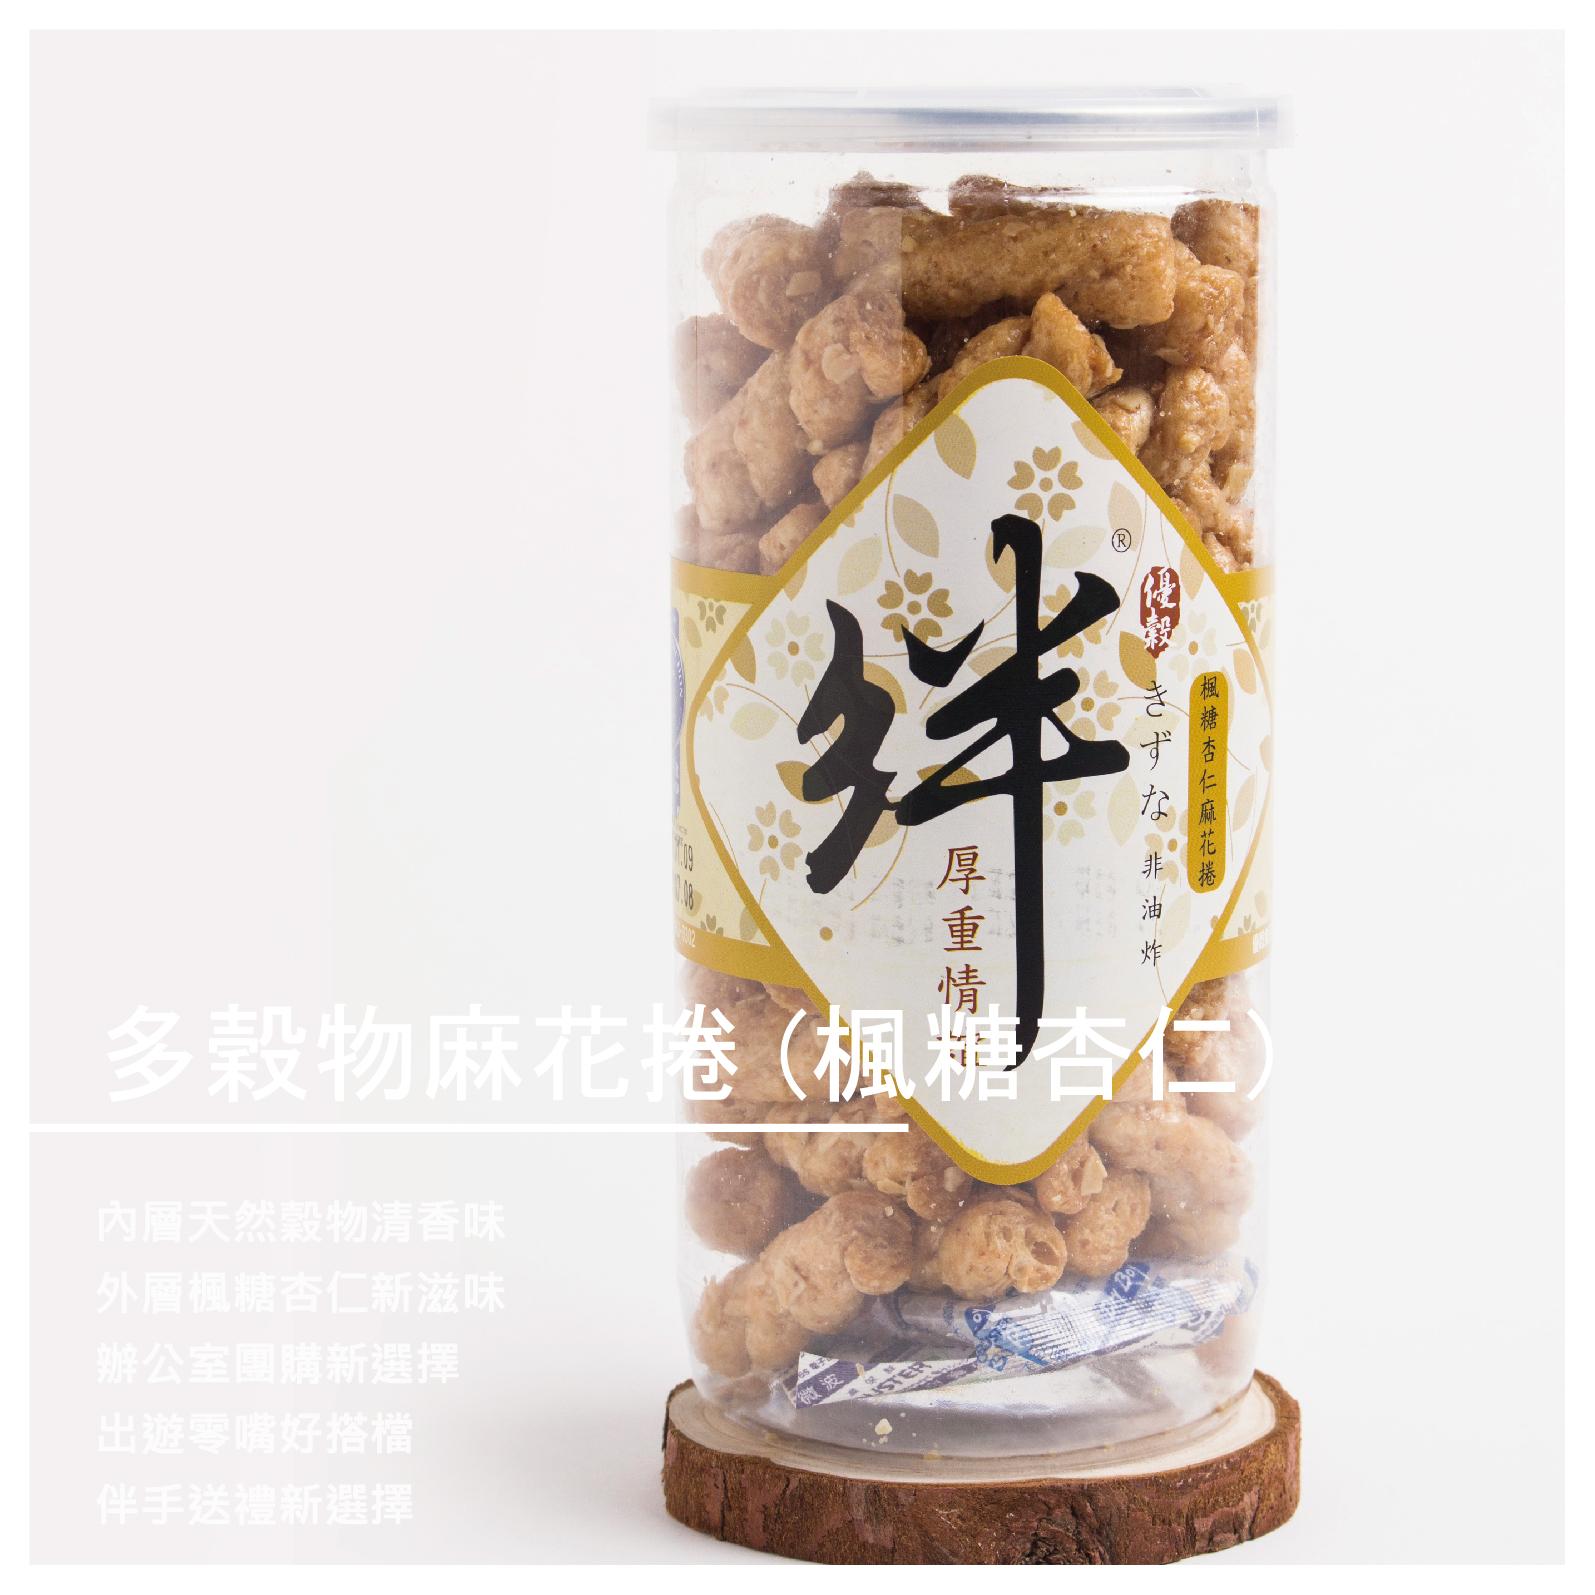 【優穀食品有限公司】多穀物麻花捲 (楓糖杏仁) 120g